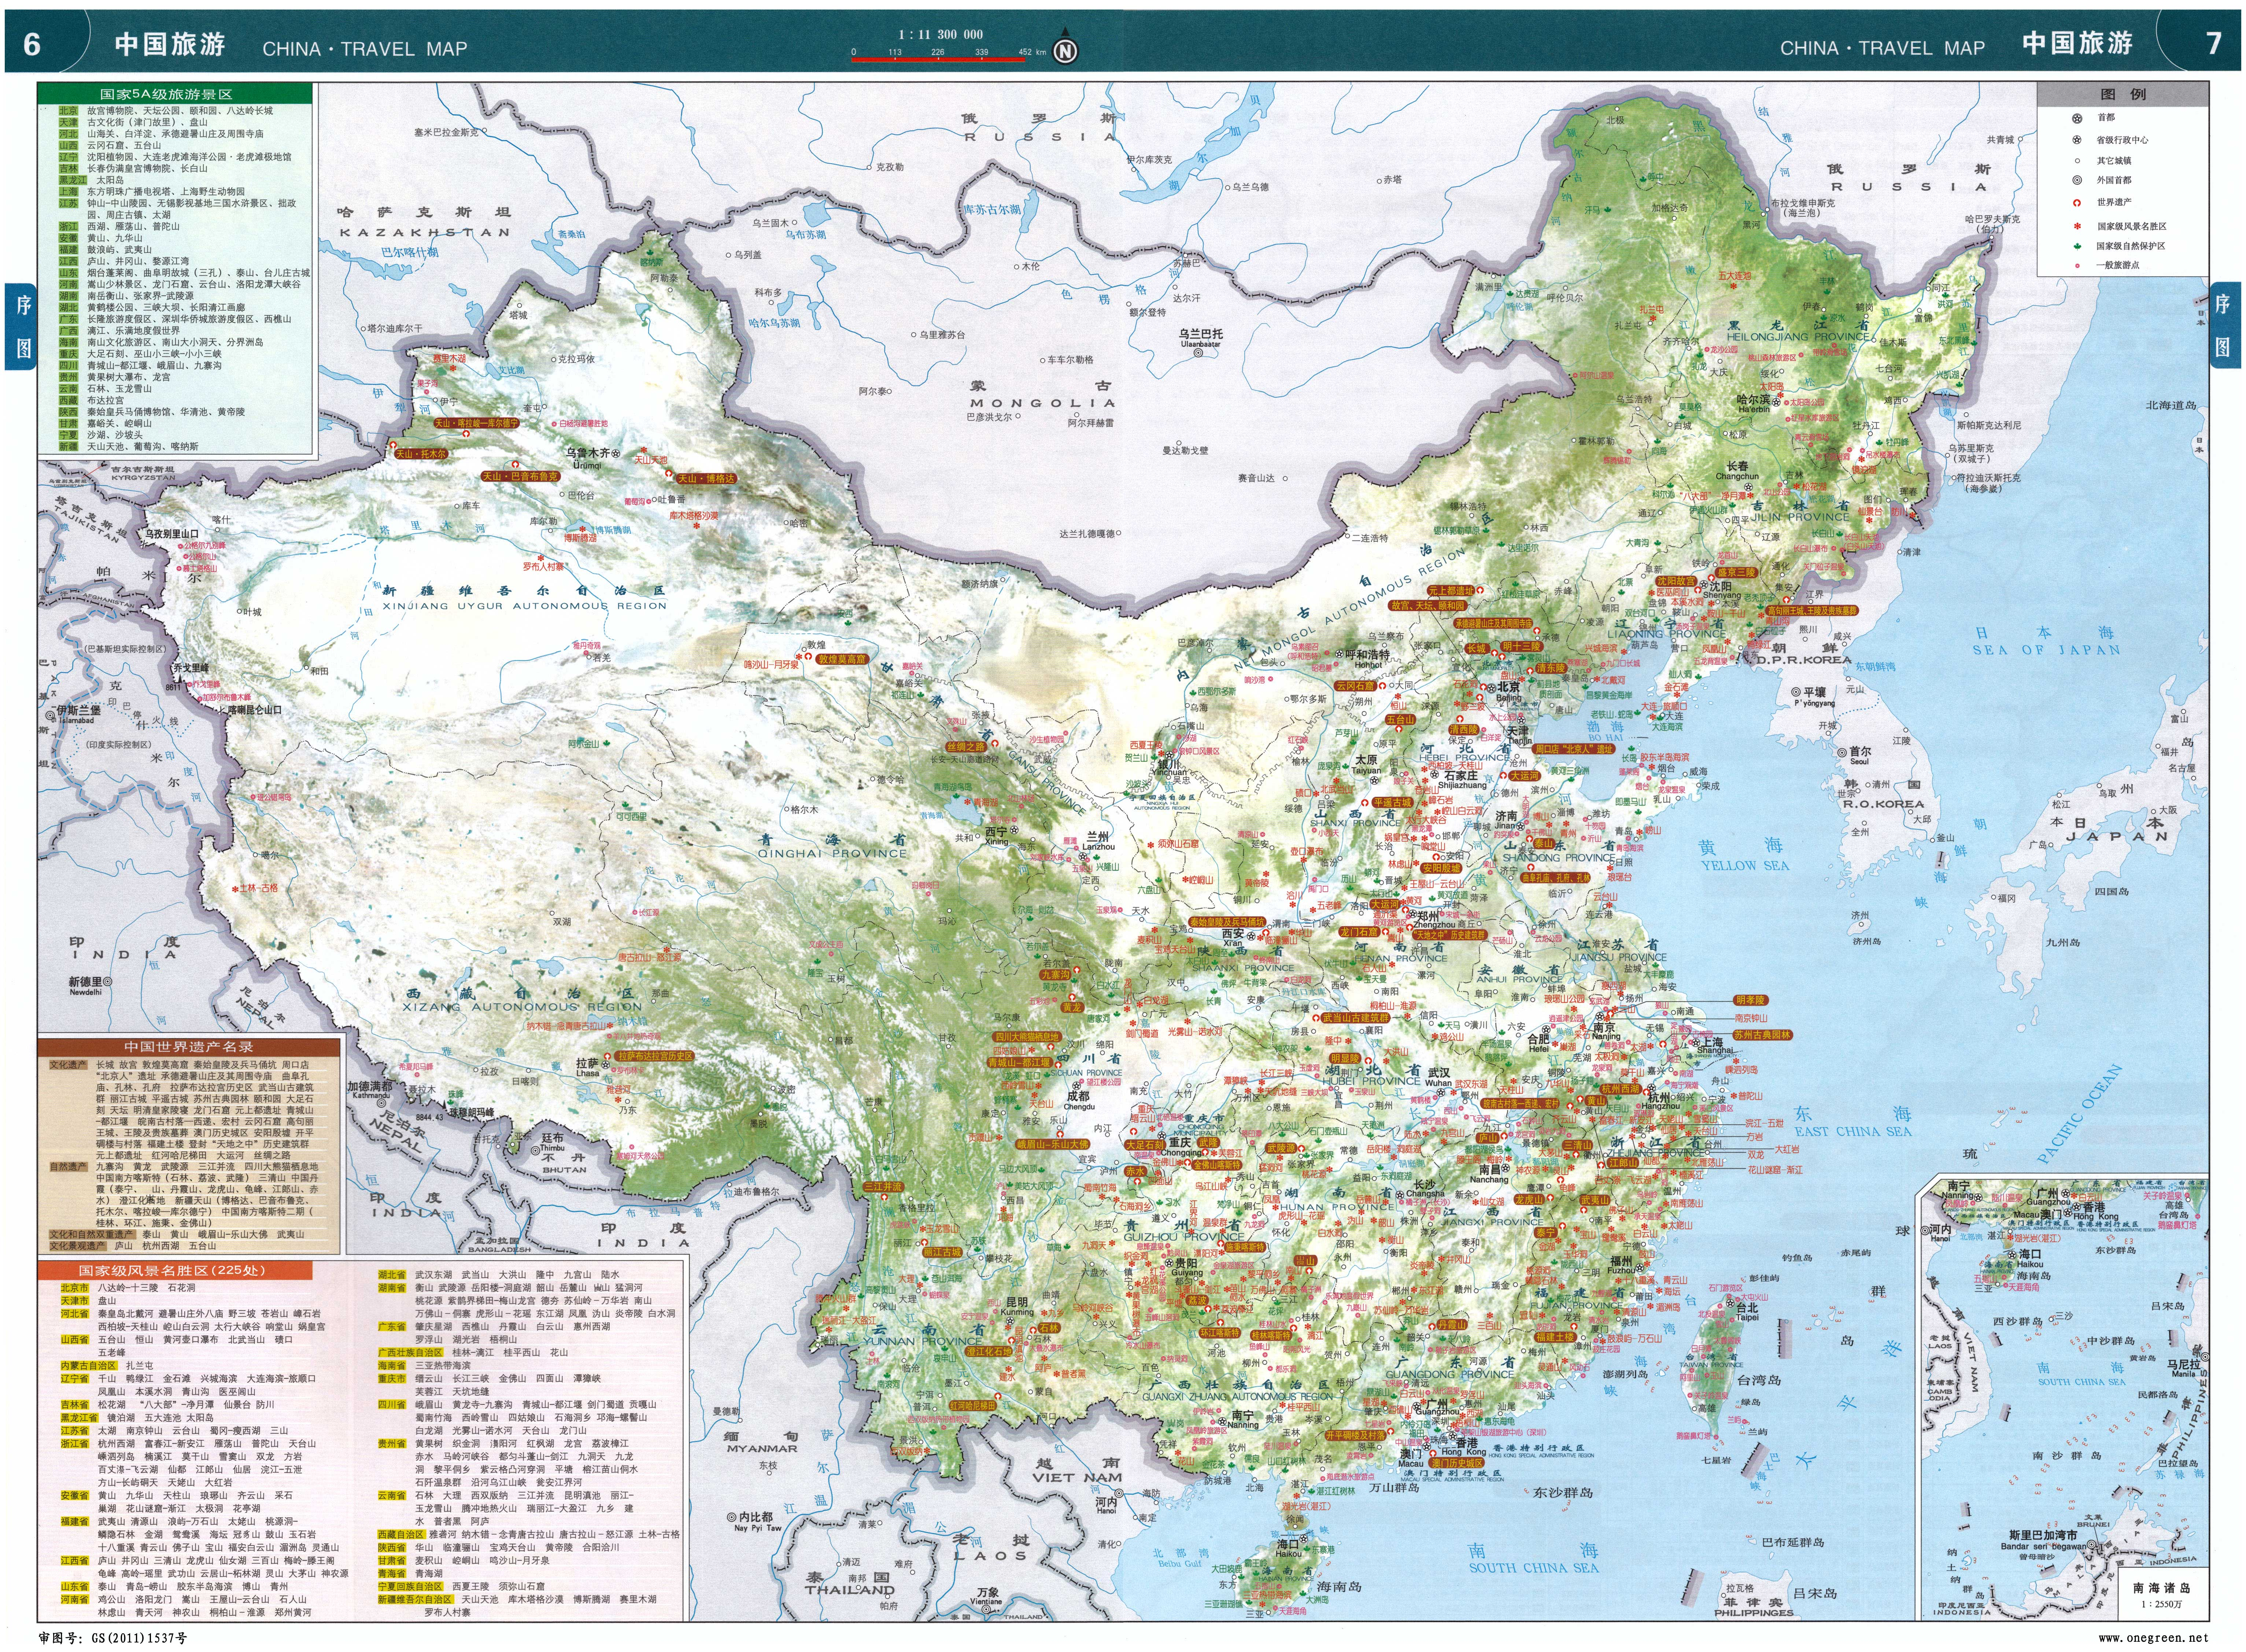 中国旅游地图(高清大图)